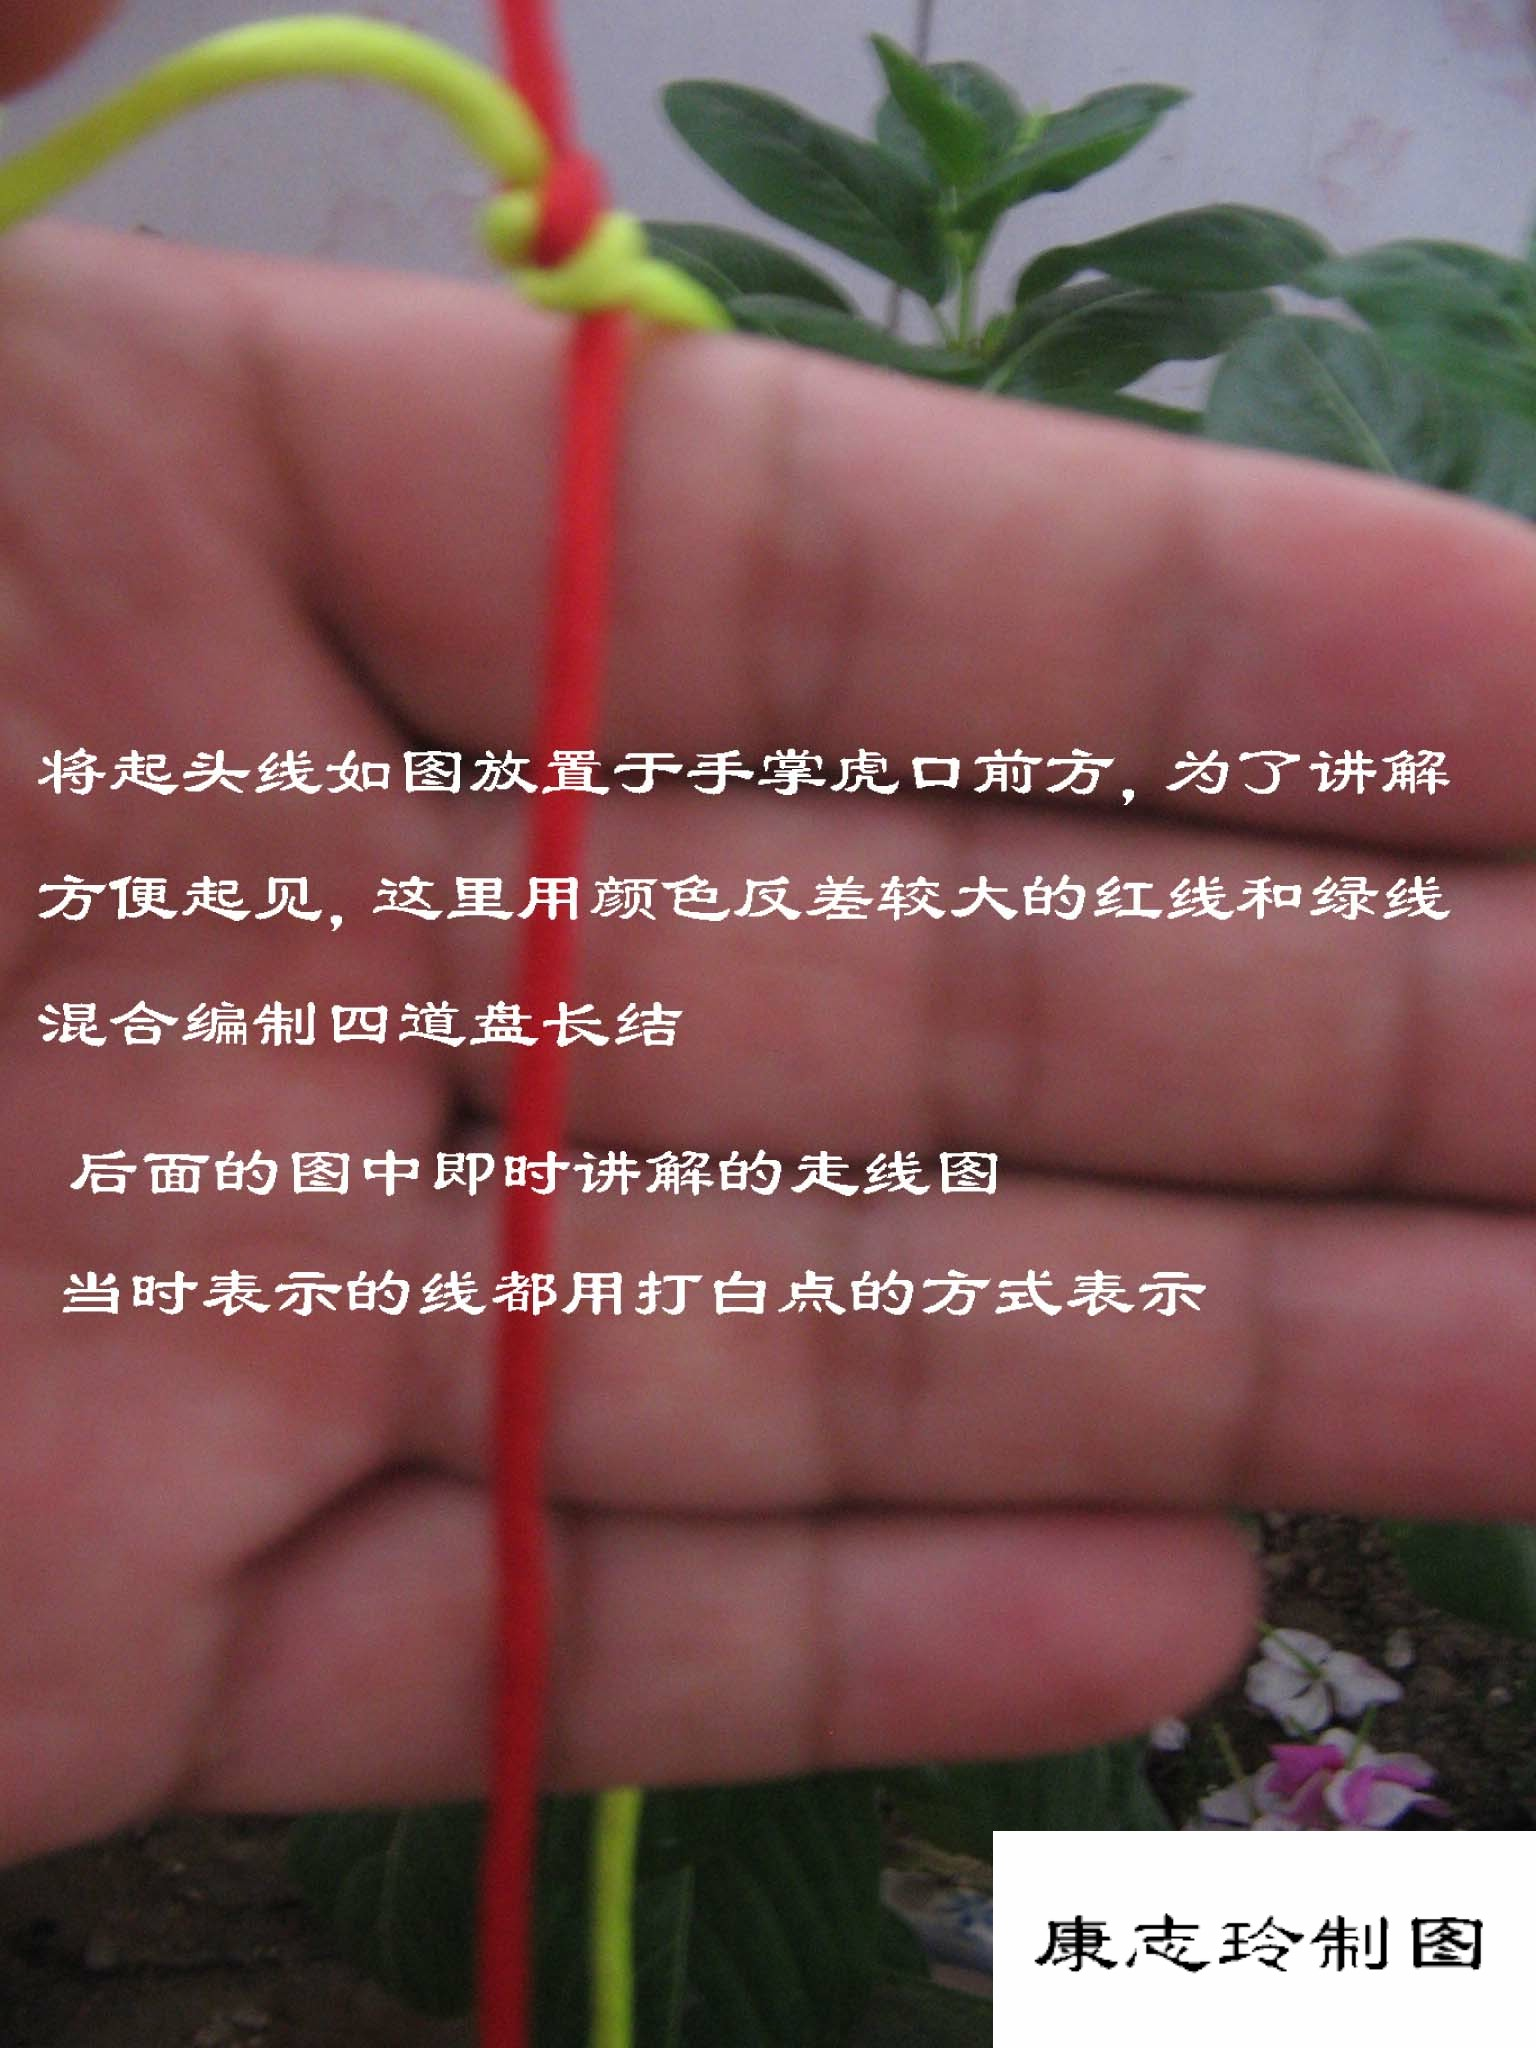 中国结论坛 二回盘长结(徒手)  基本结-新手入门必看 0908132023621a704917a07b8c